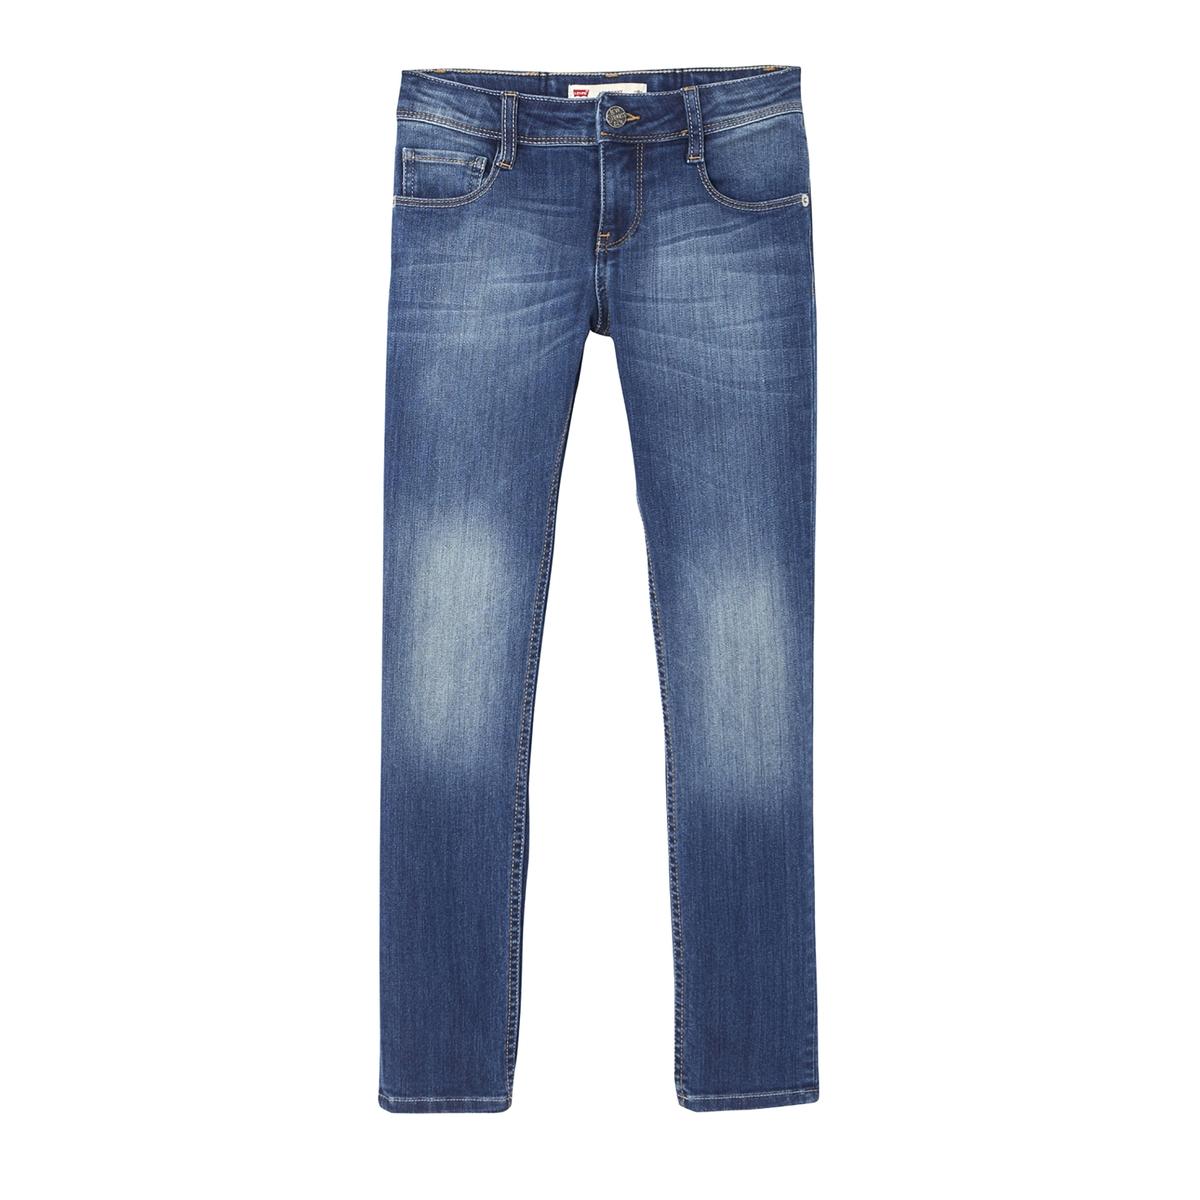 Jeans Skinny taglio 711 3 - 16 anni